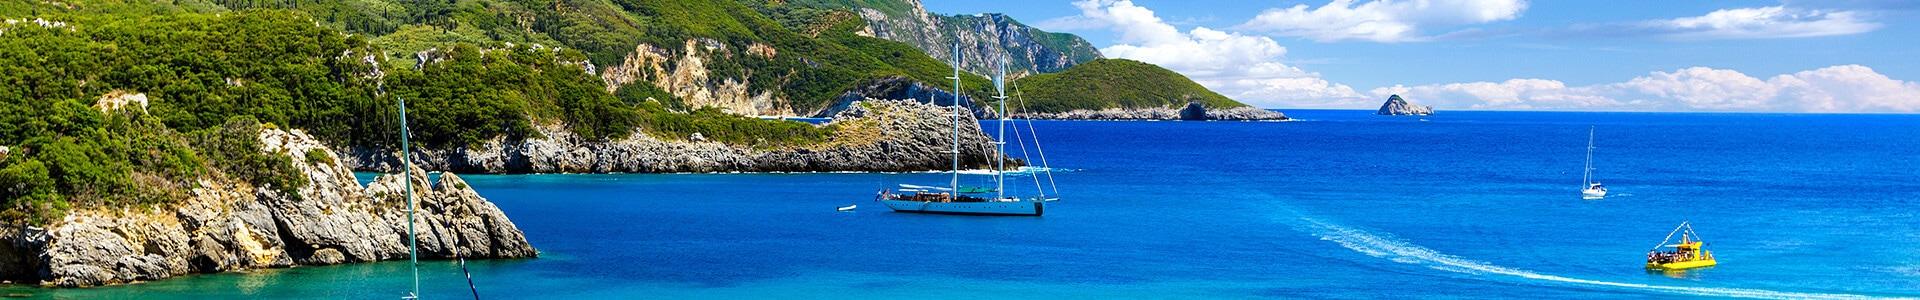 Voyage Corfou - TUI